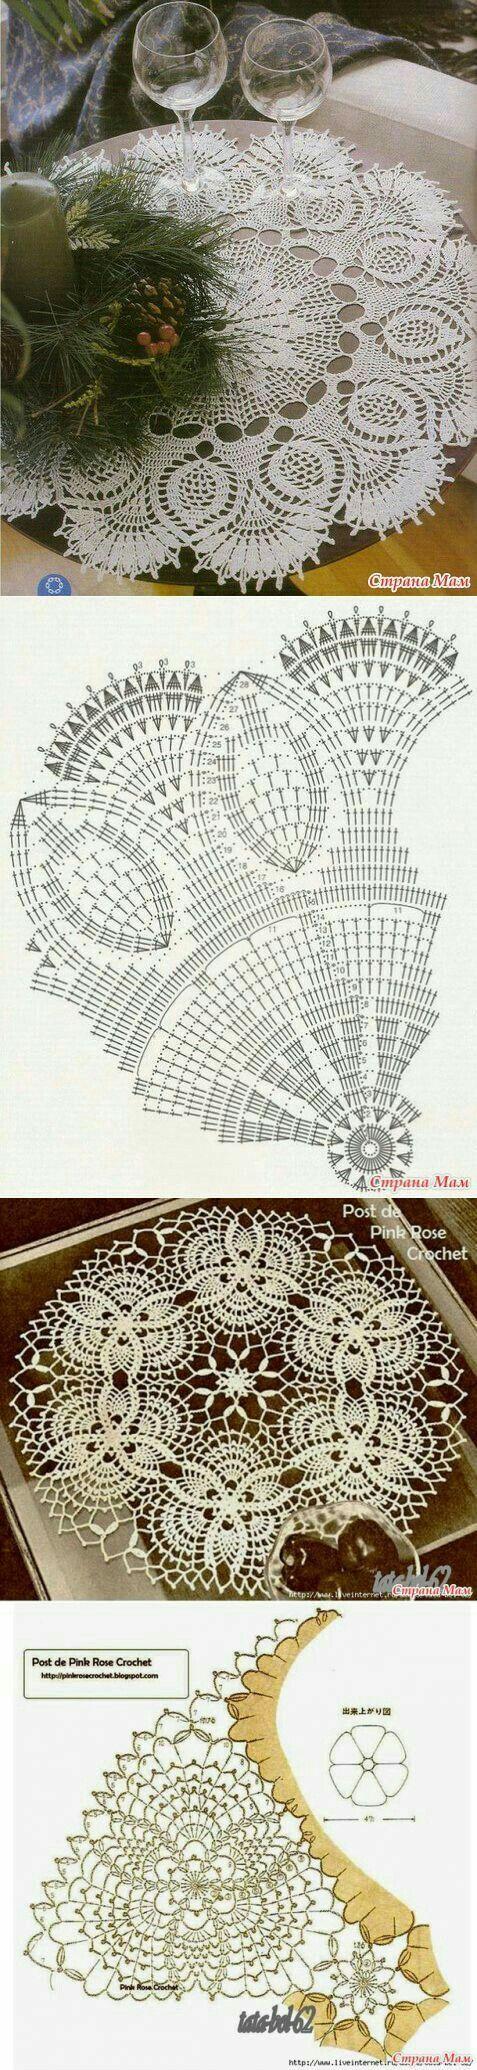 Pin von Vandana Verma auf crochet design | Pinterest | Deckchen ...